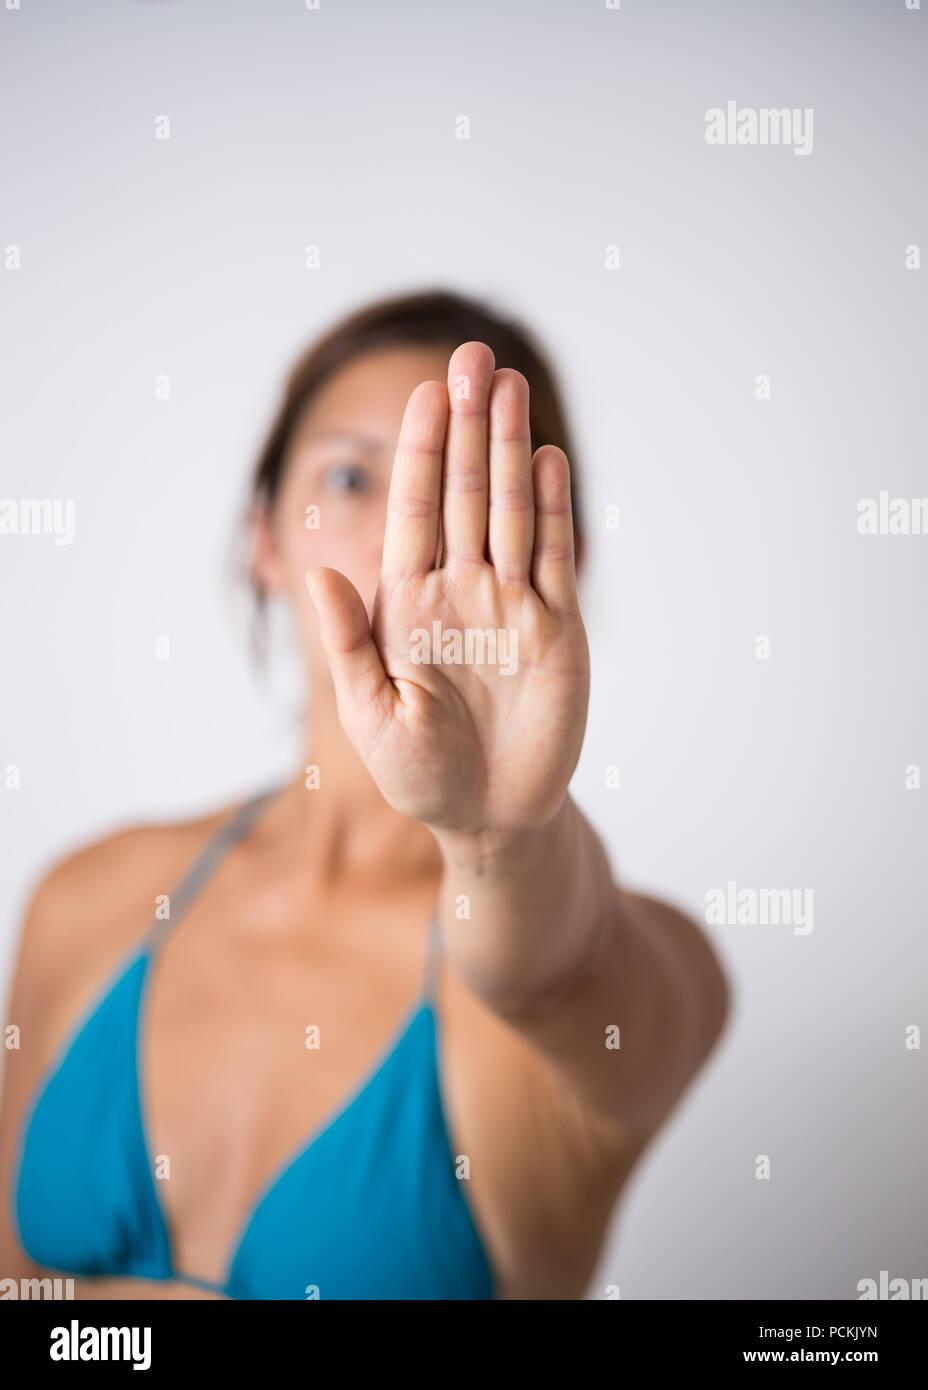 women in bikini says stop - Stock Image